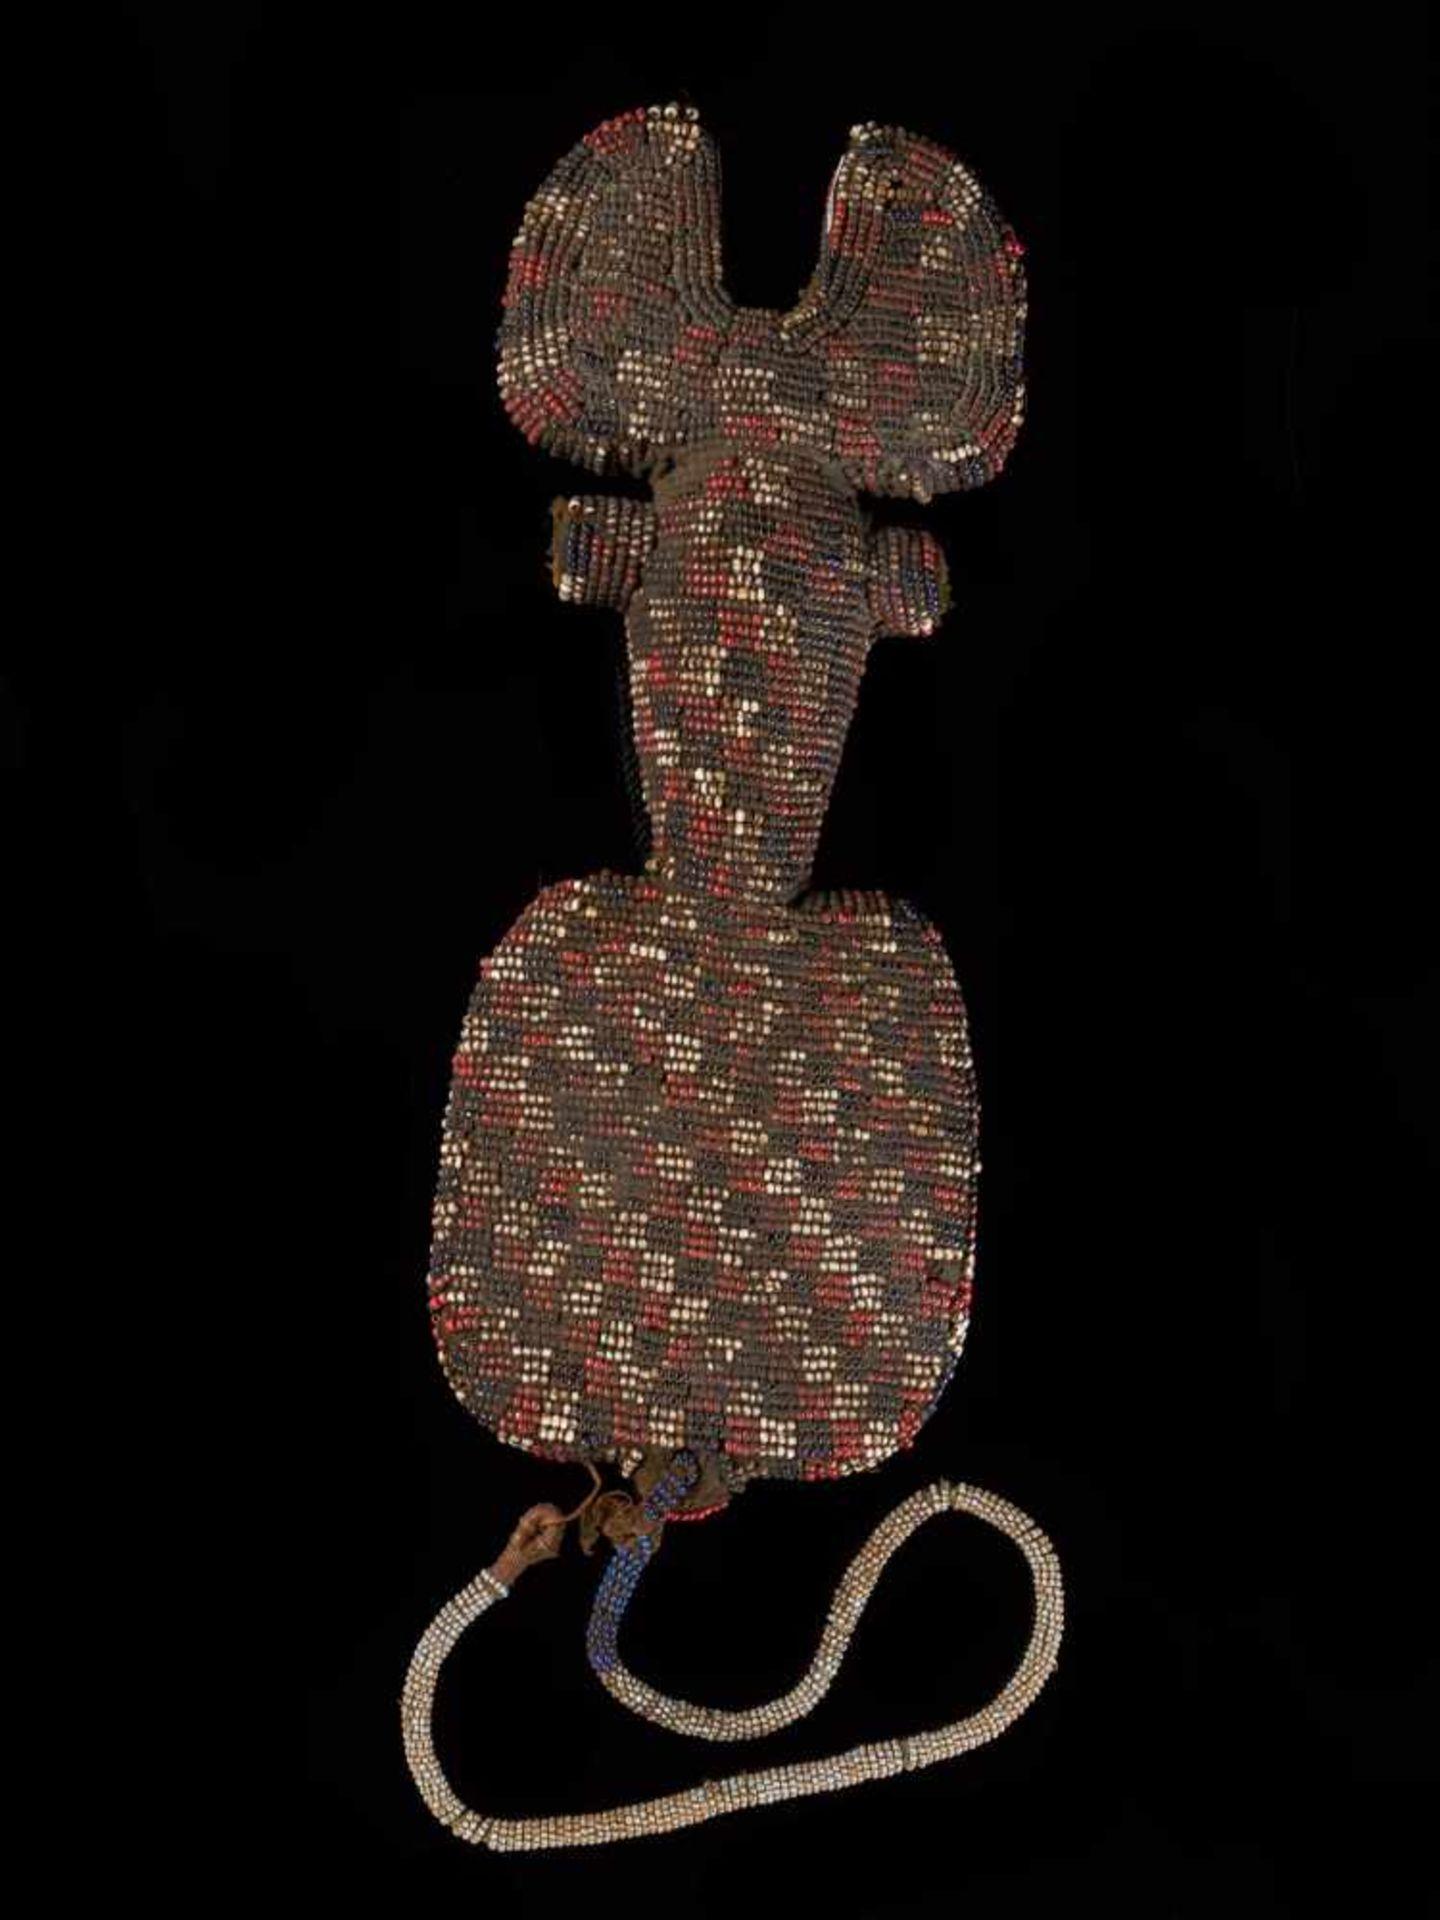 Beaded Ceremonial Flute - Tribal ArtThis intriguing beaded ceremonial flute is covered with a